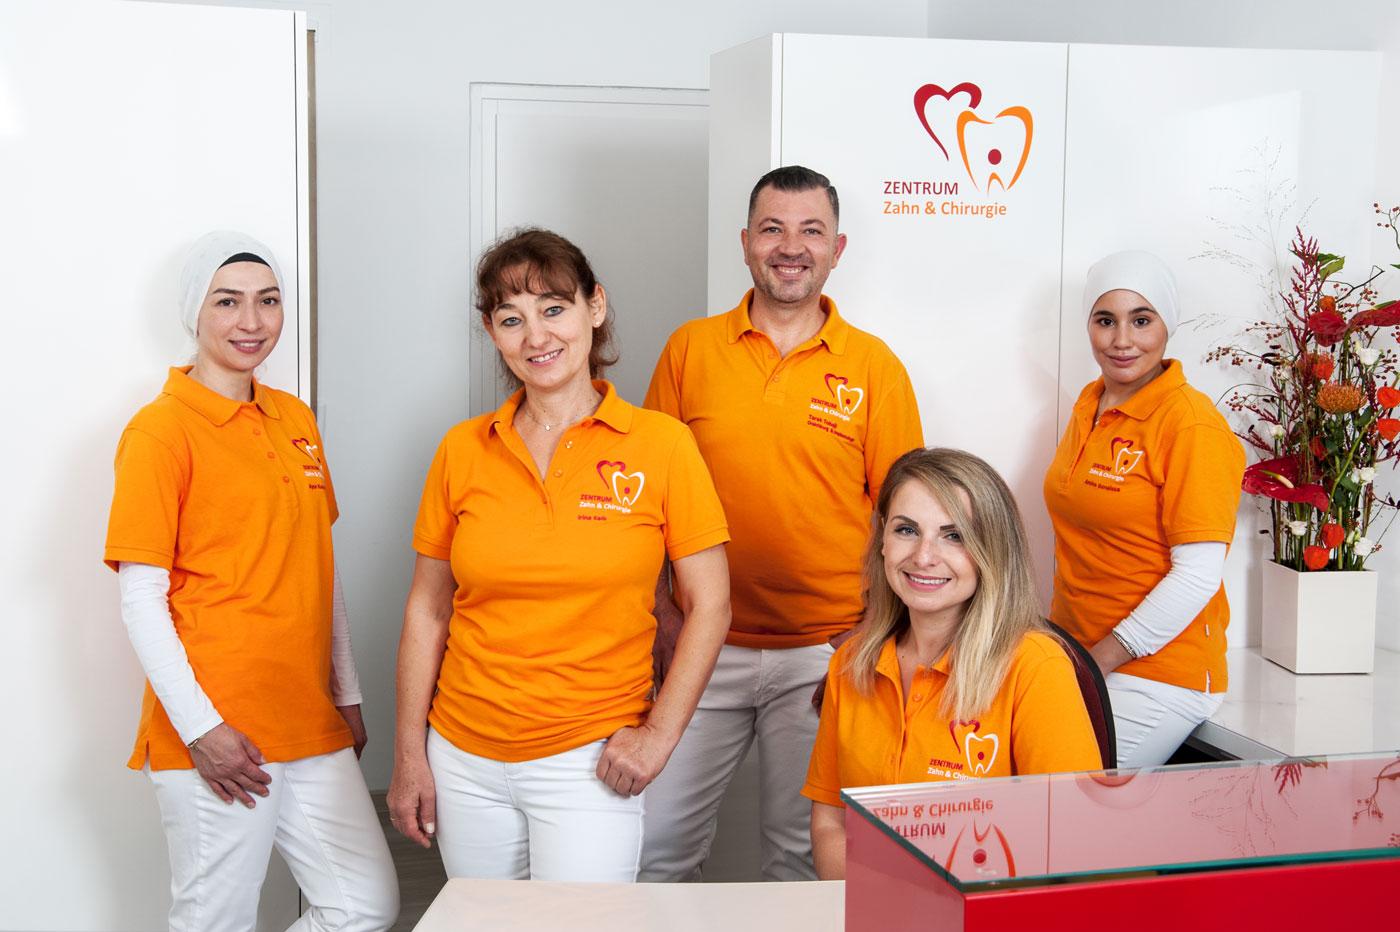 Foto zur Seite: Zentrum für Zahn & Chirurgie in Langen